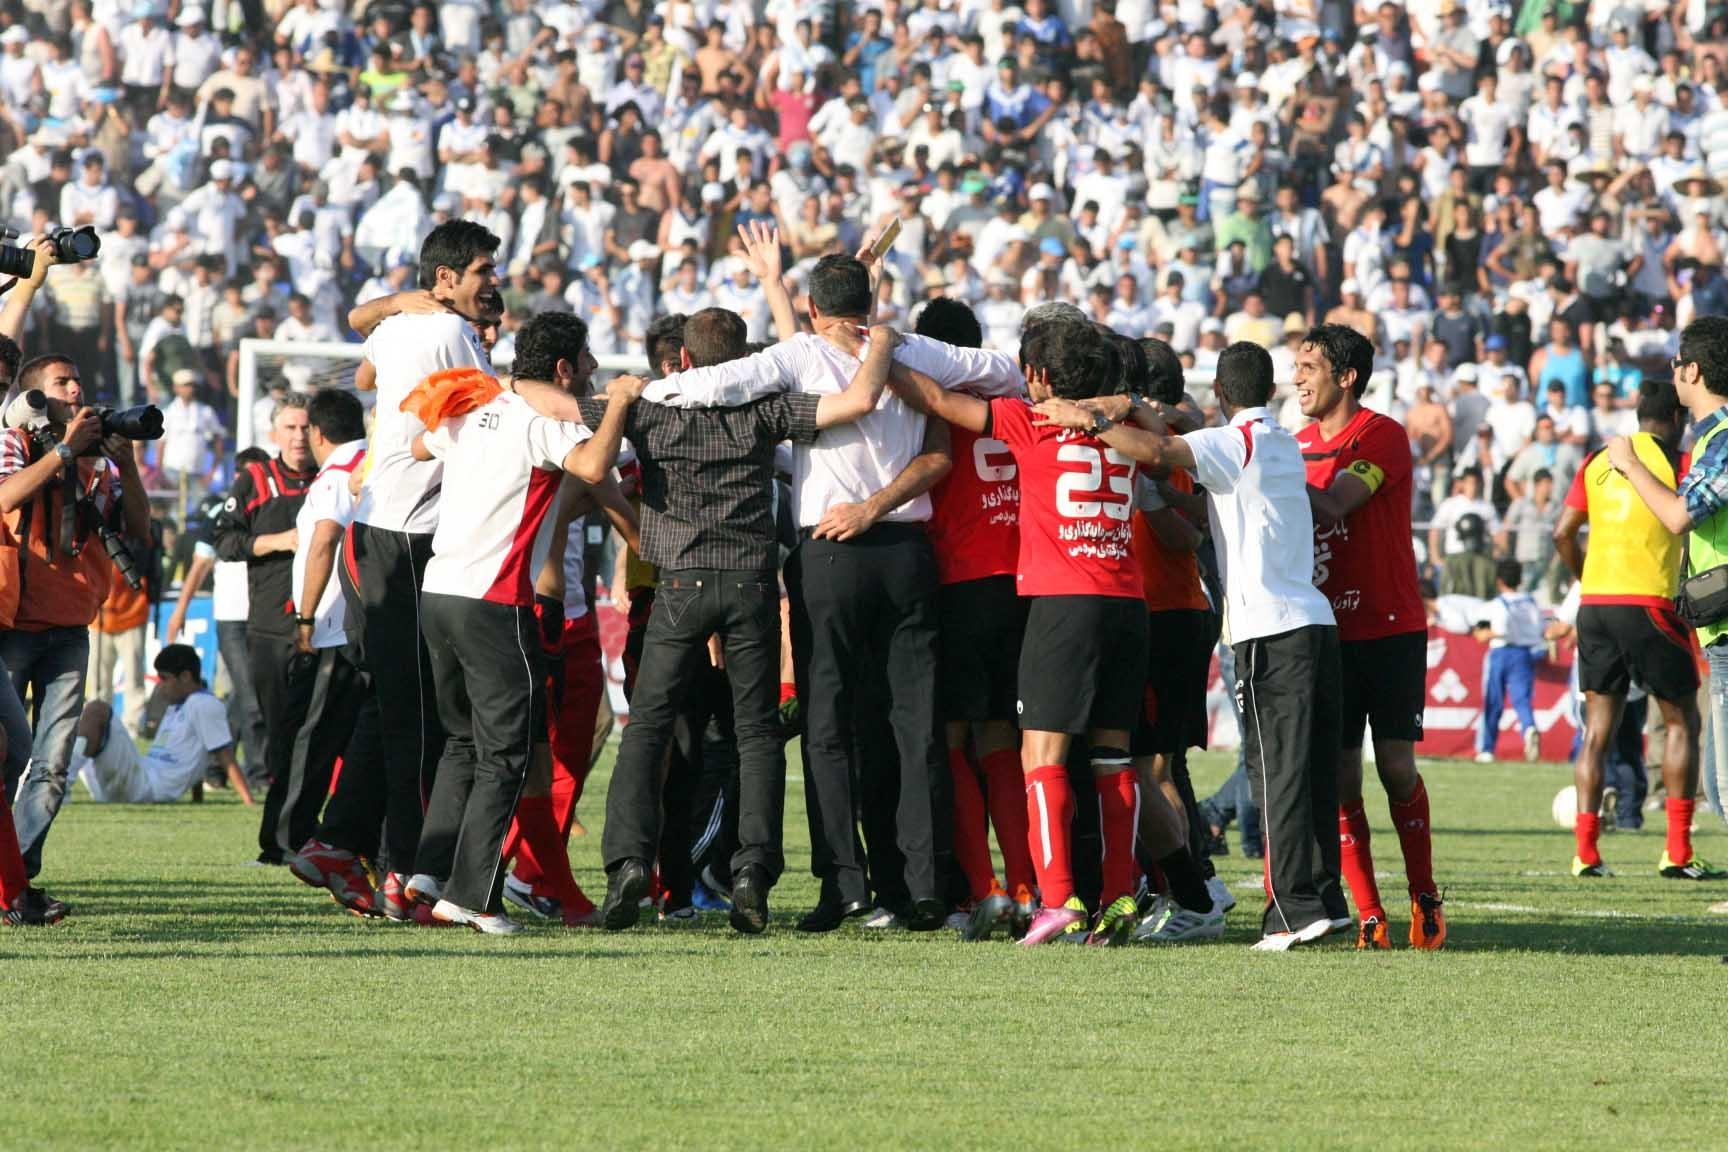 تصاویر جشن قهرمانی پرسپولیس در جام حذفی